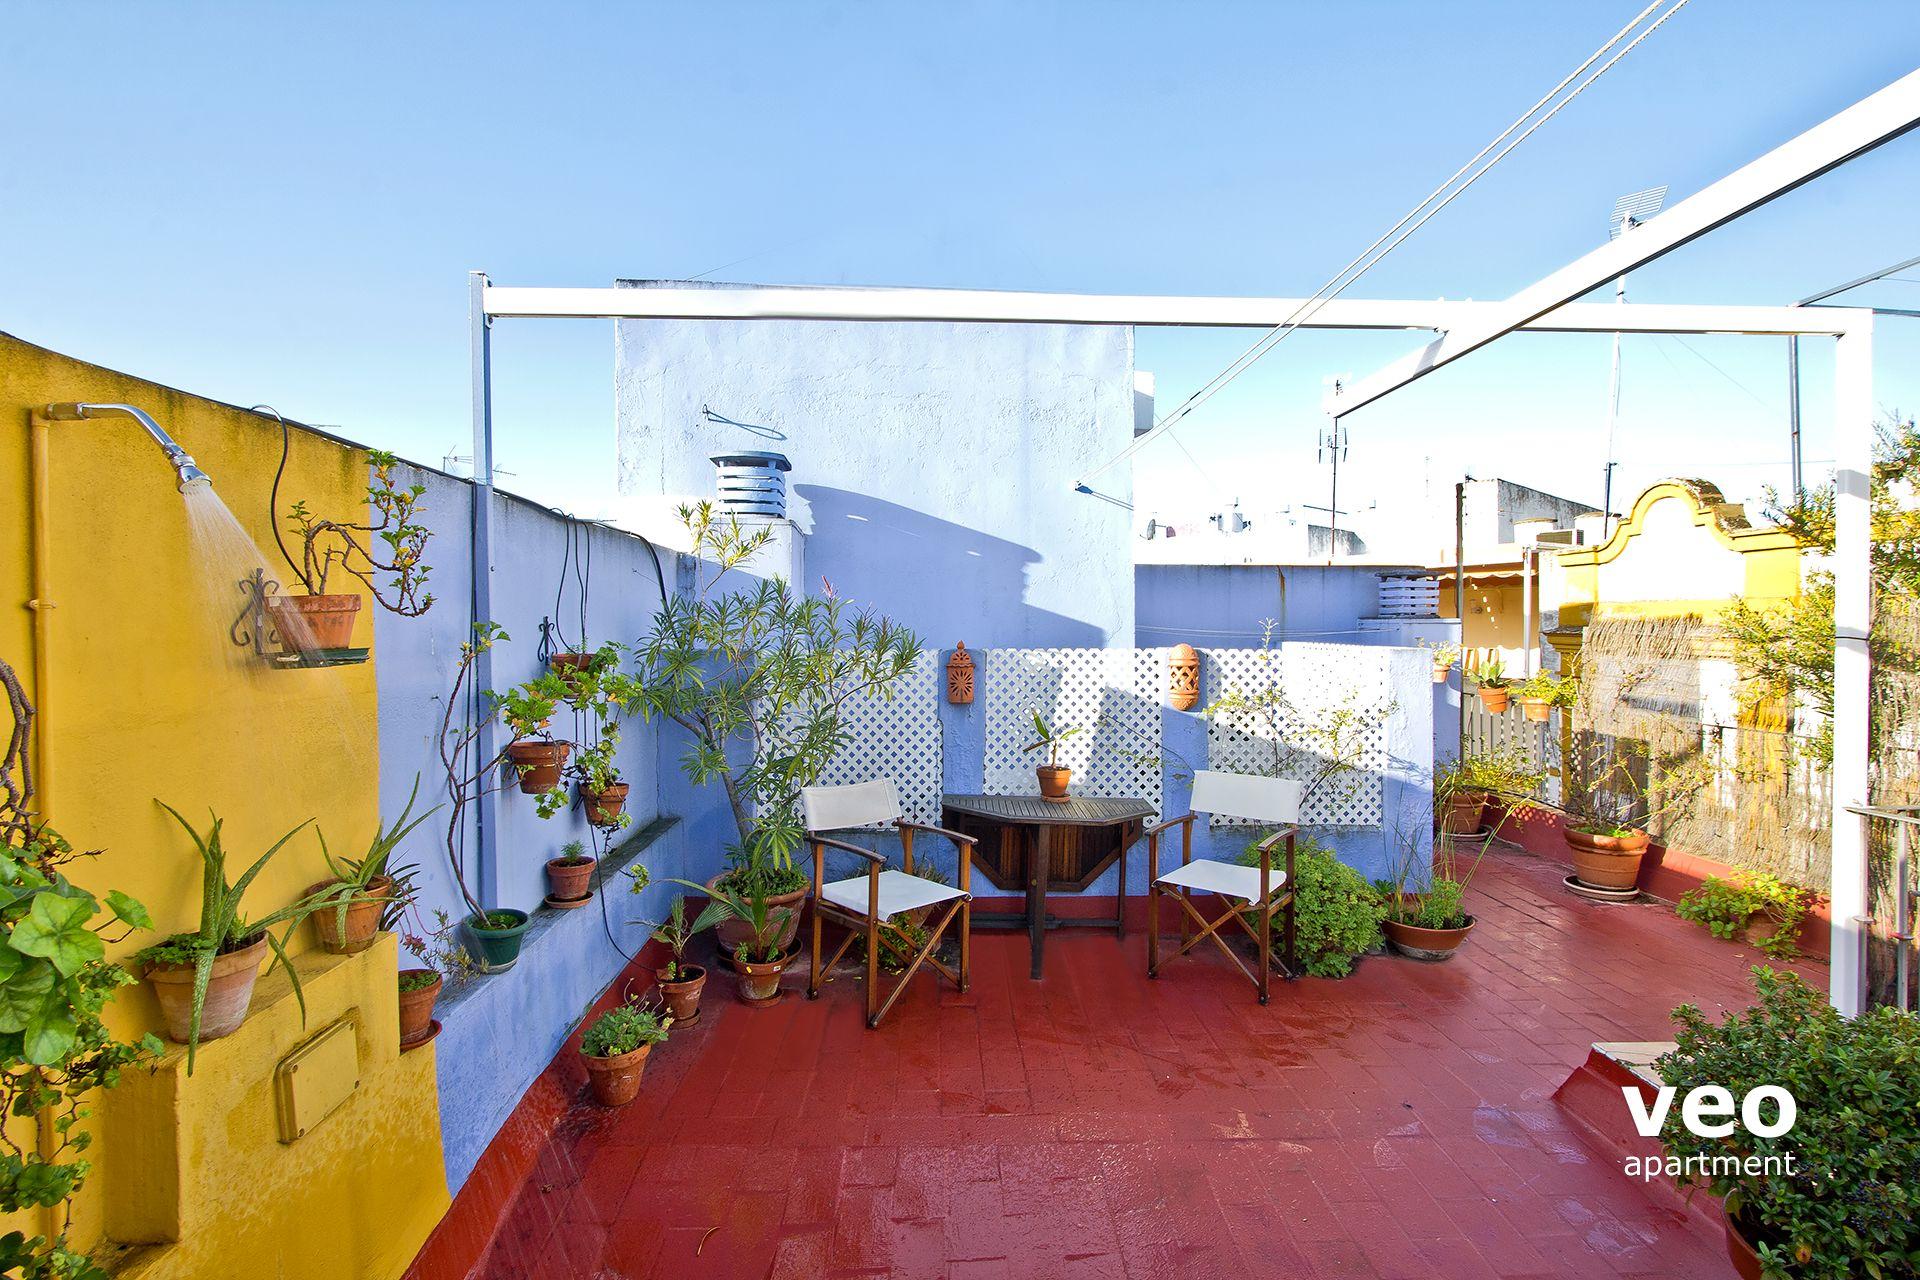 Sevilla apartmento calle feijoo sevilla espa a santa for Alquiler de apartamentos en sevilla para semana santa